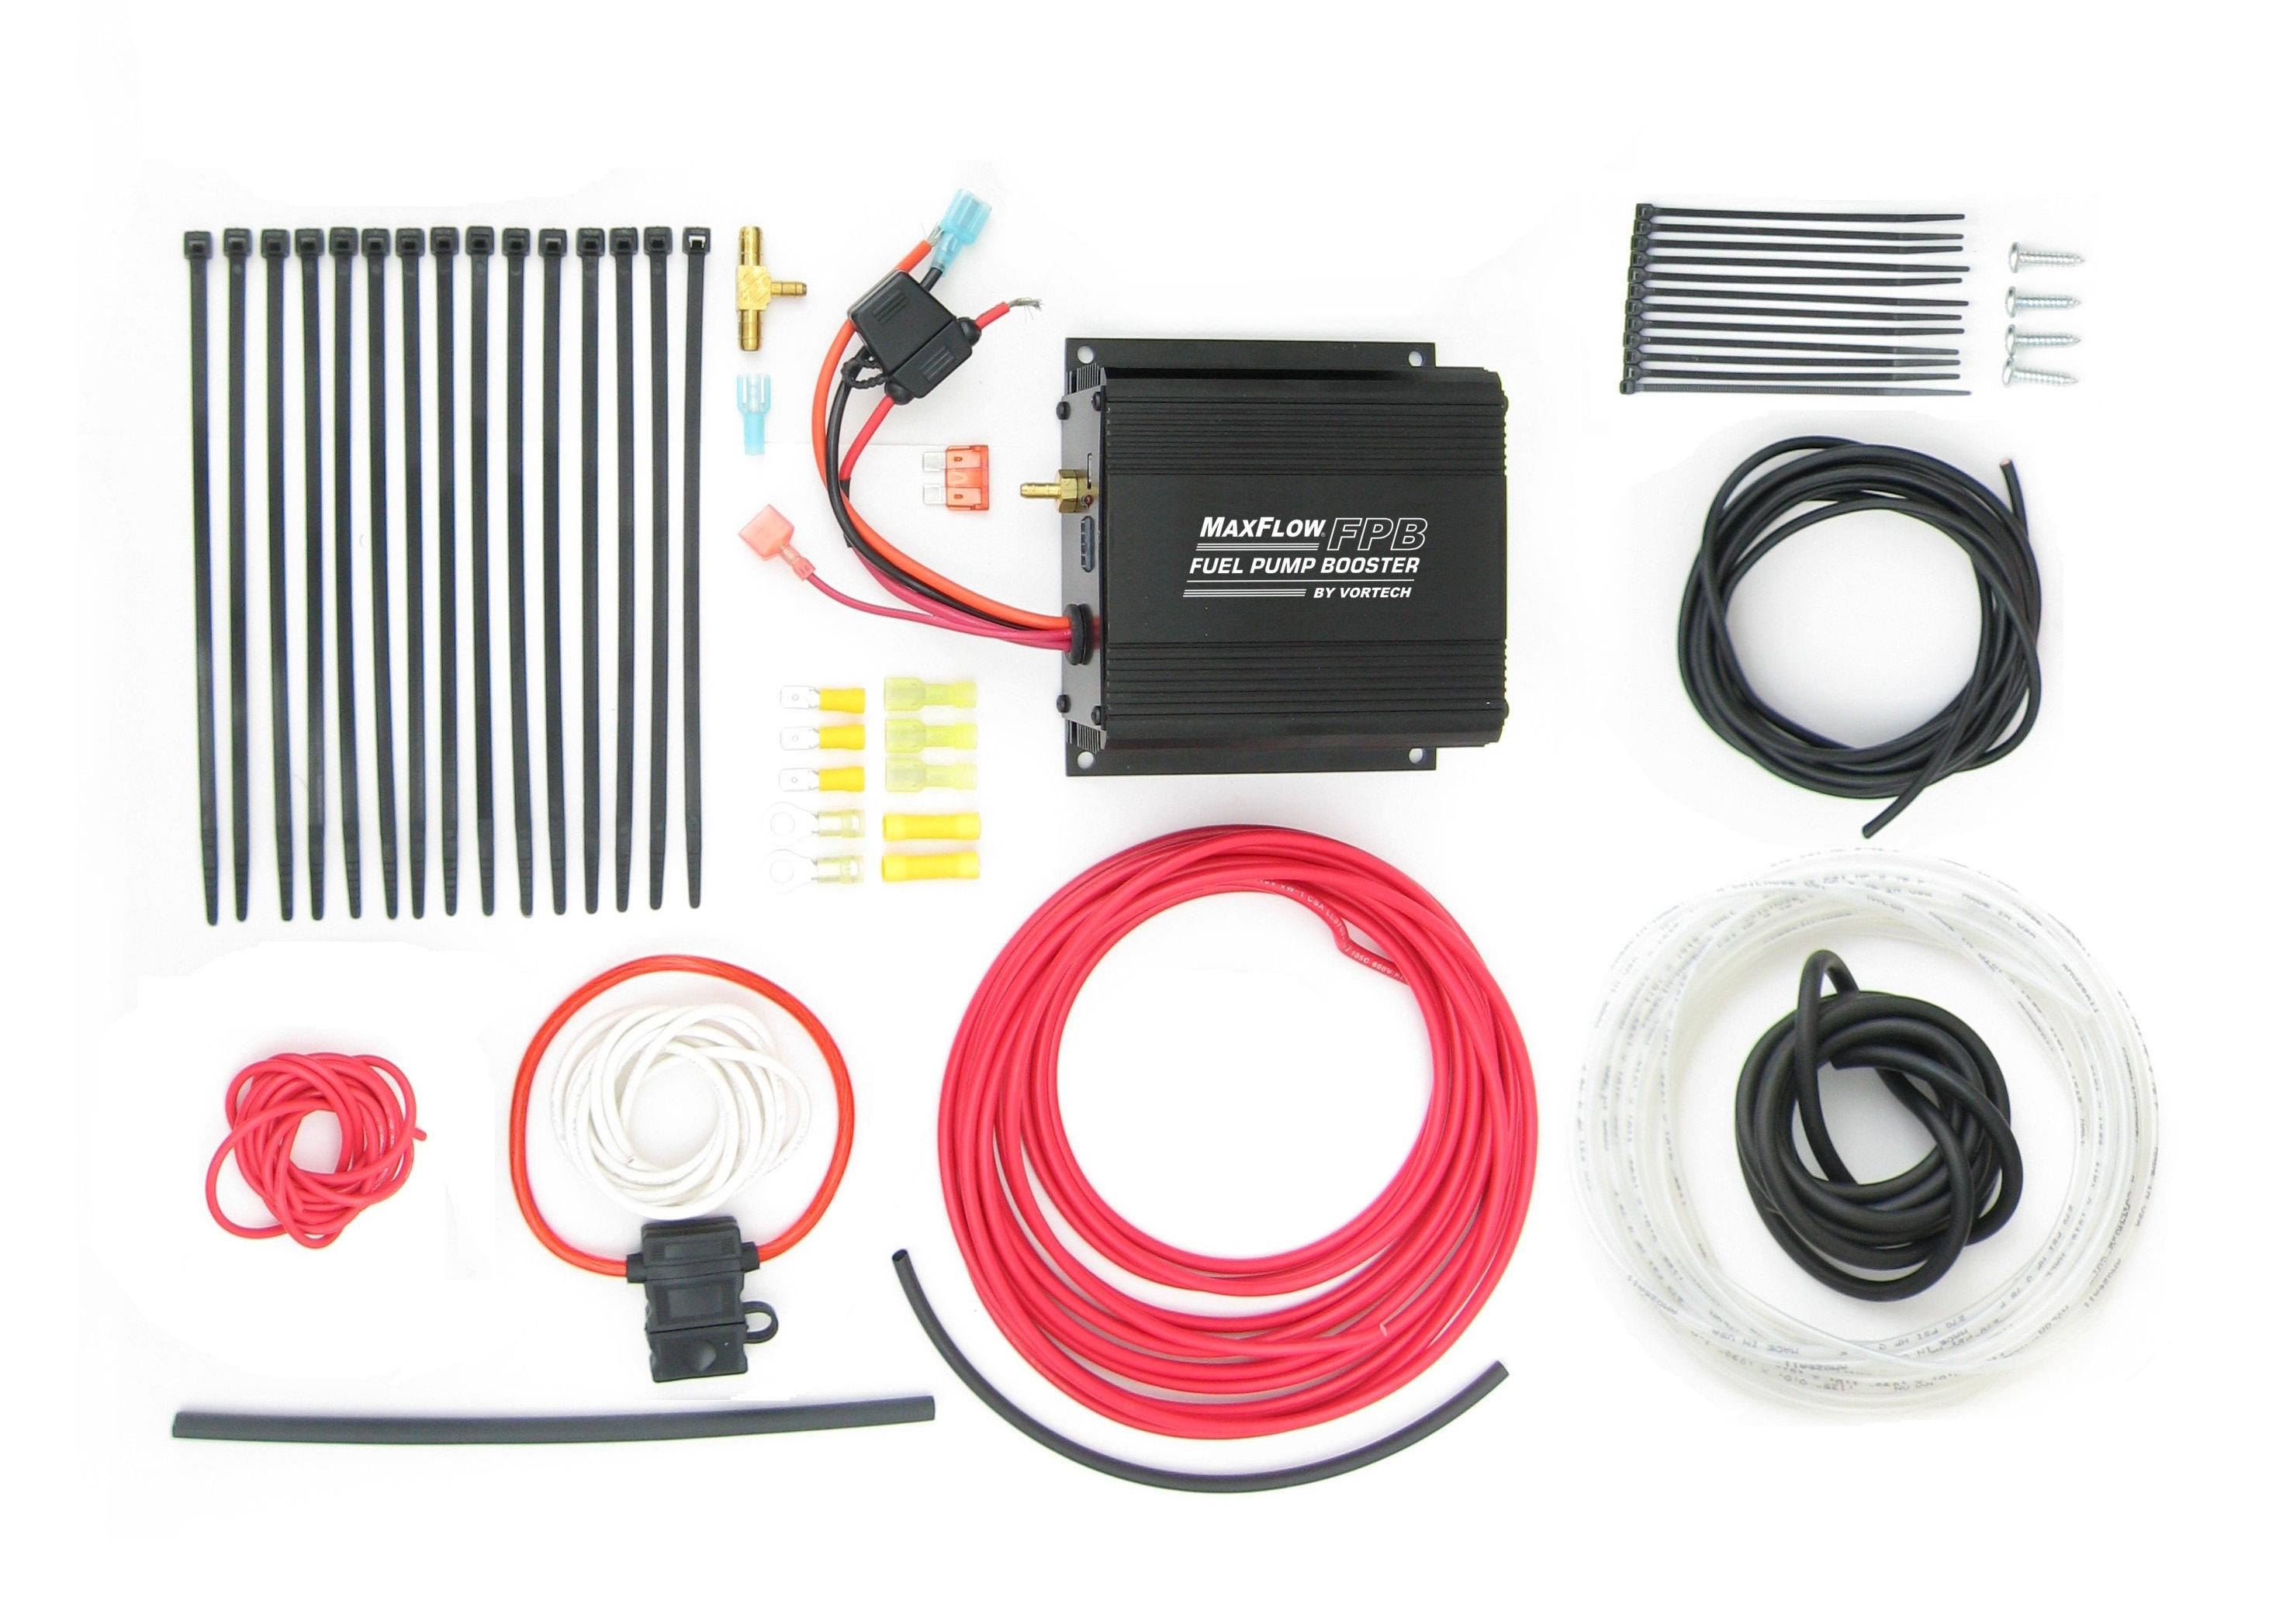 Painless Wiring 700r4 Lockup Kit